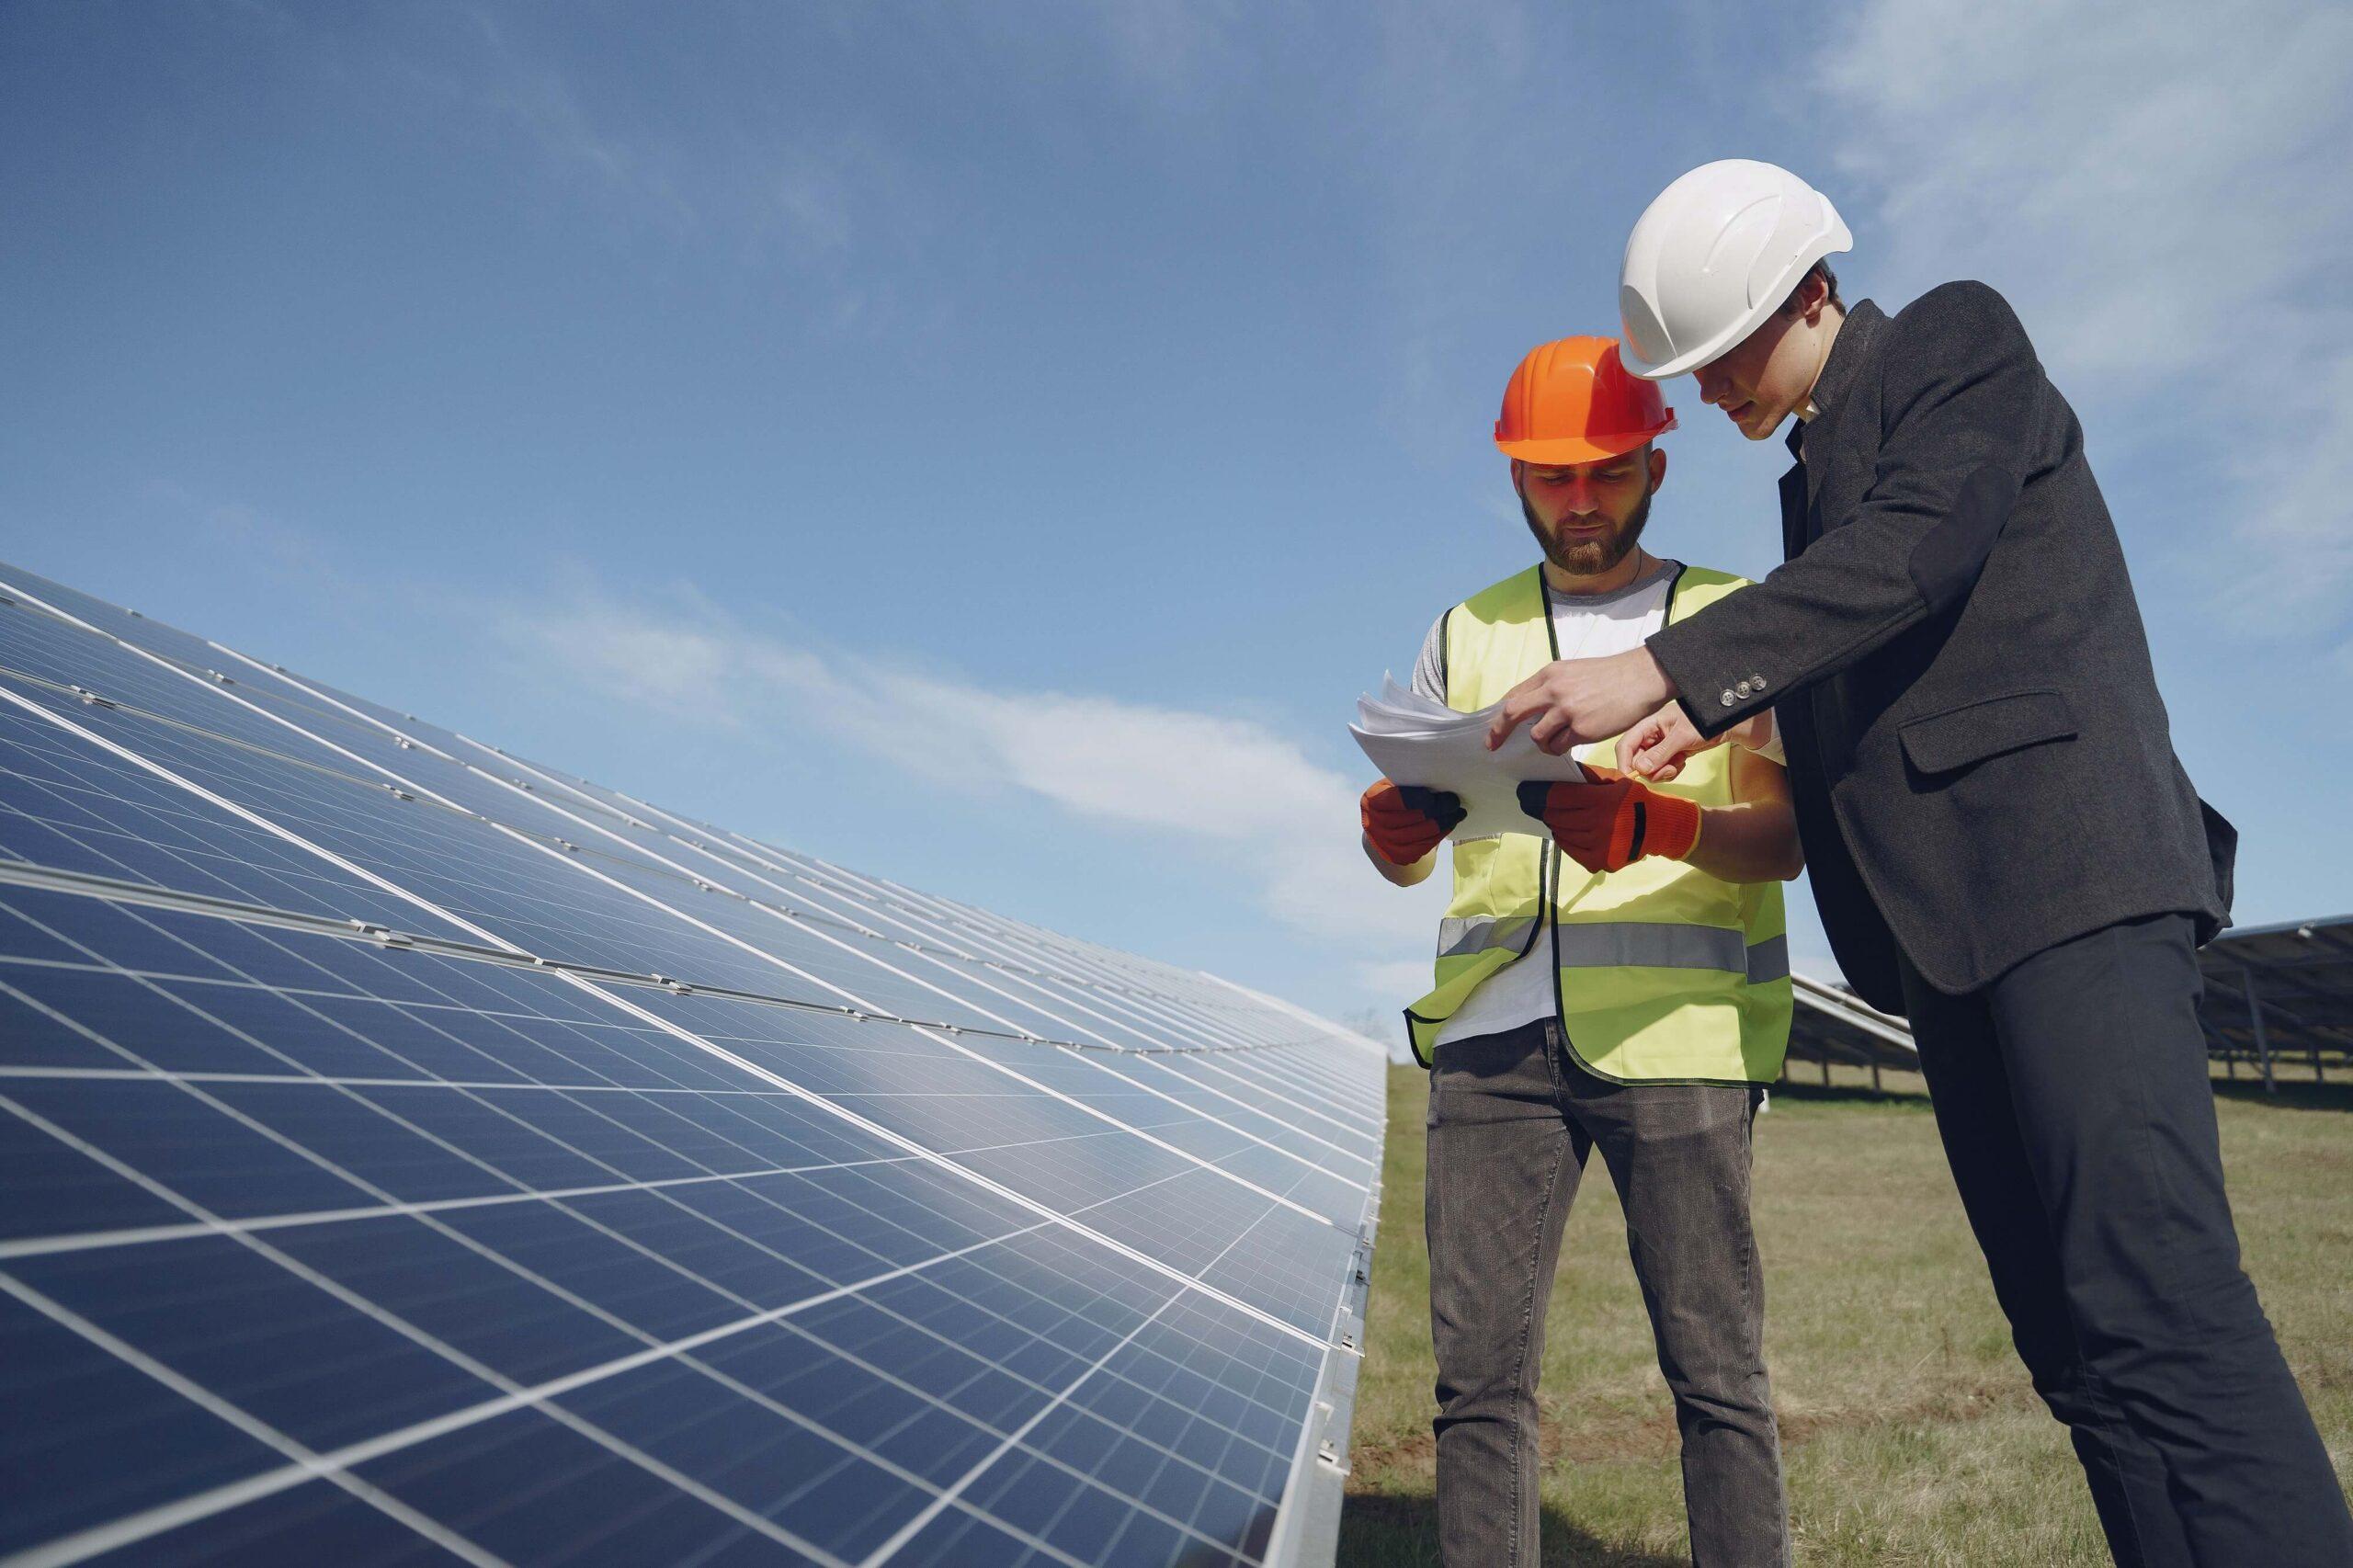 Od czego zależy wydajność systemu PV?